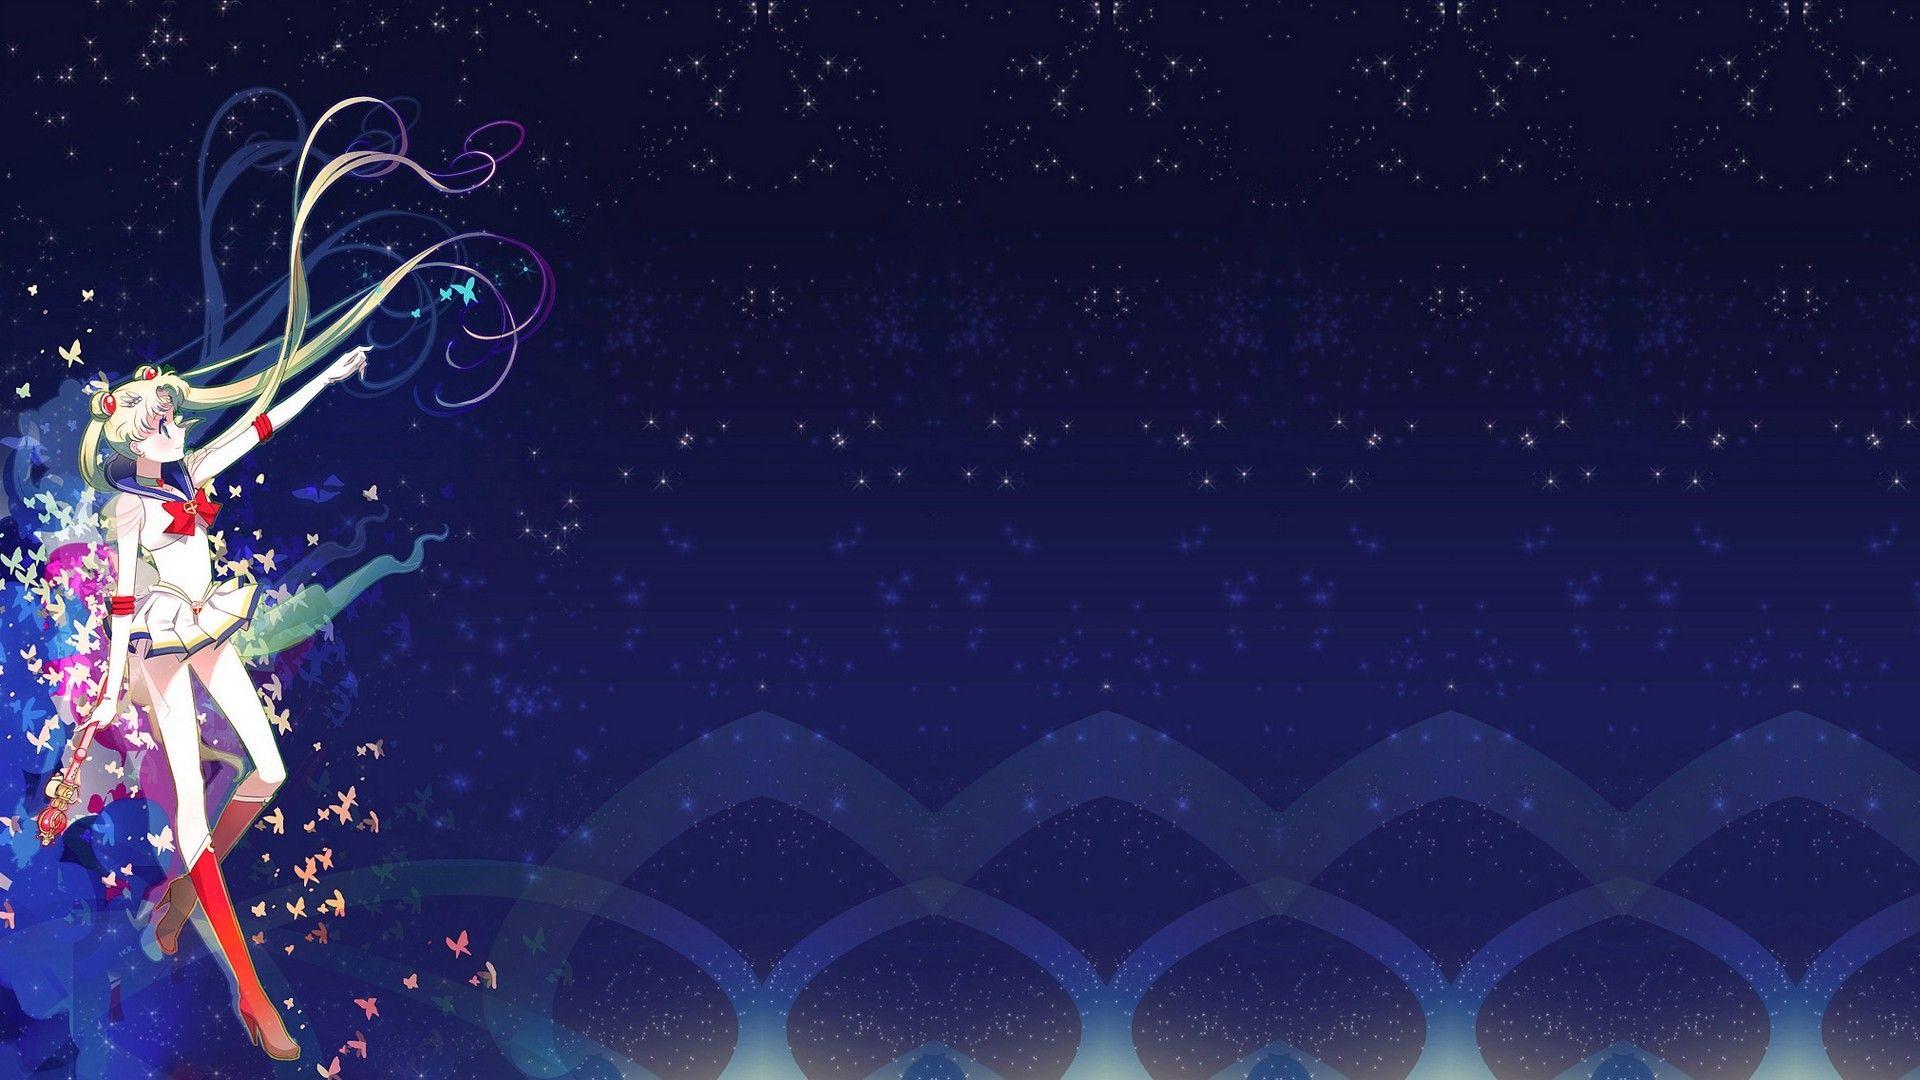 Sailor Moon Aesthetic Desktop Wallpapers Desktop Wallpaper